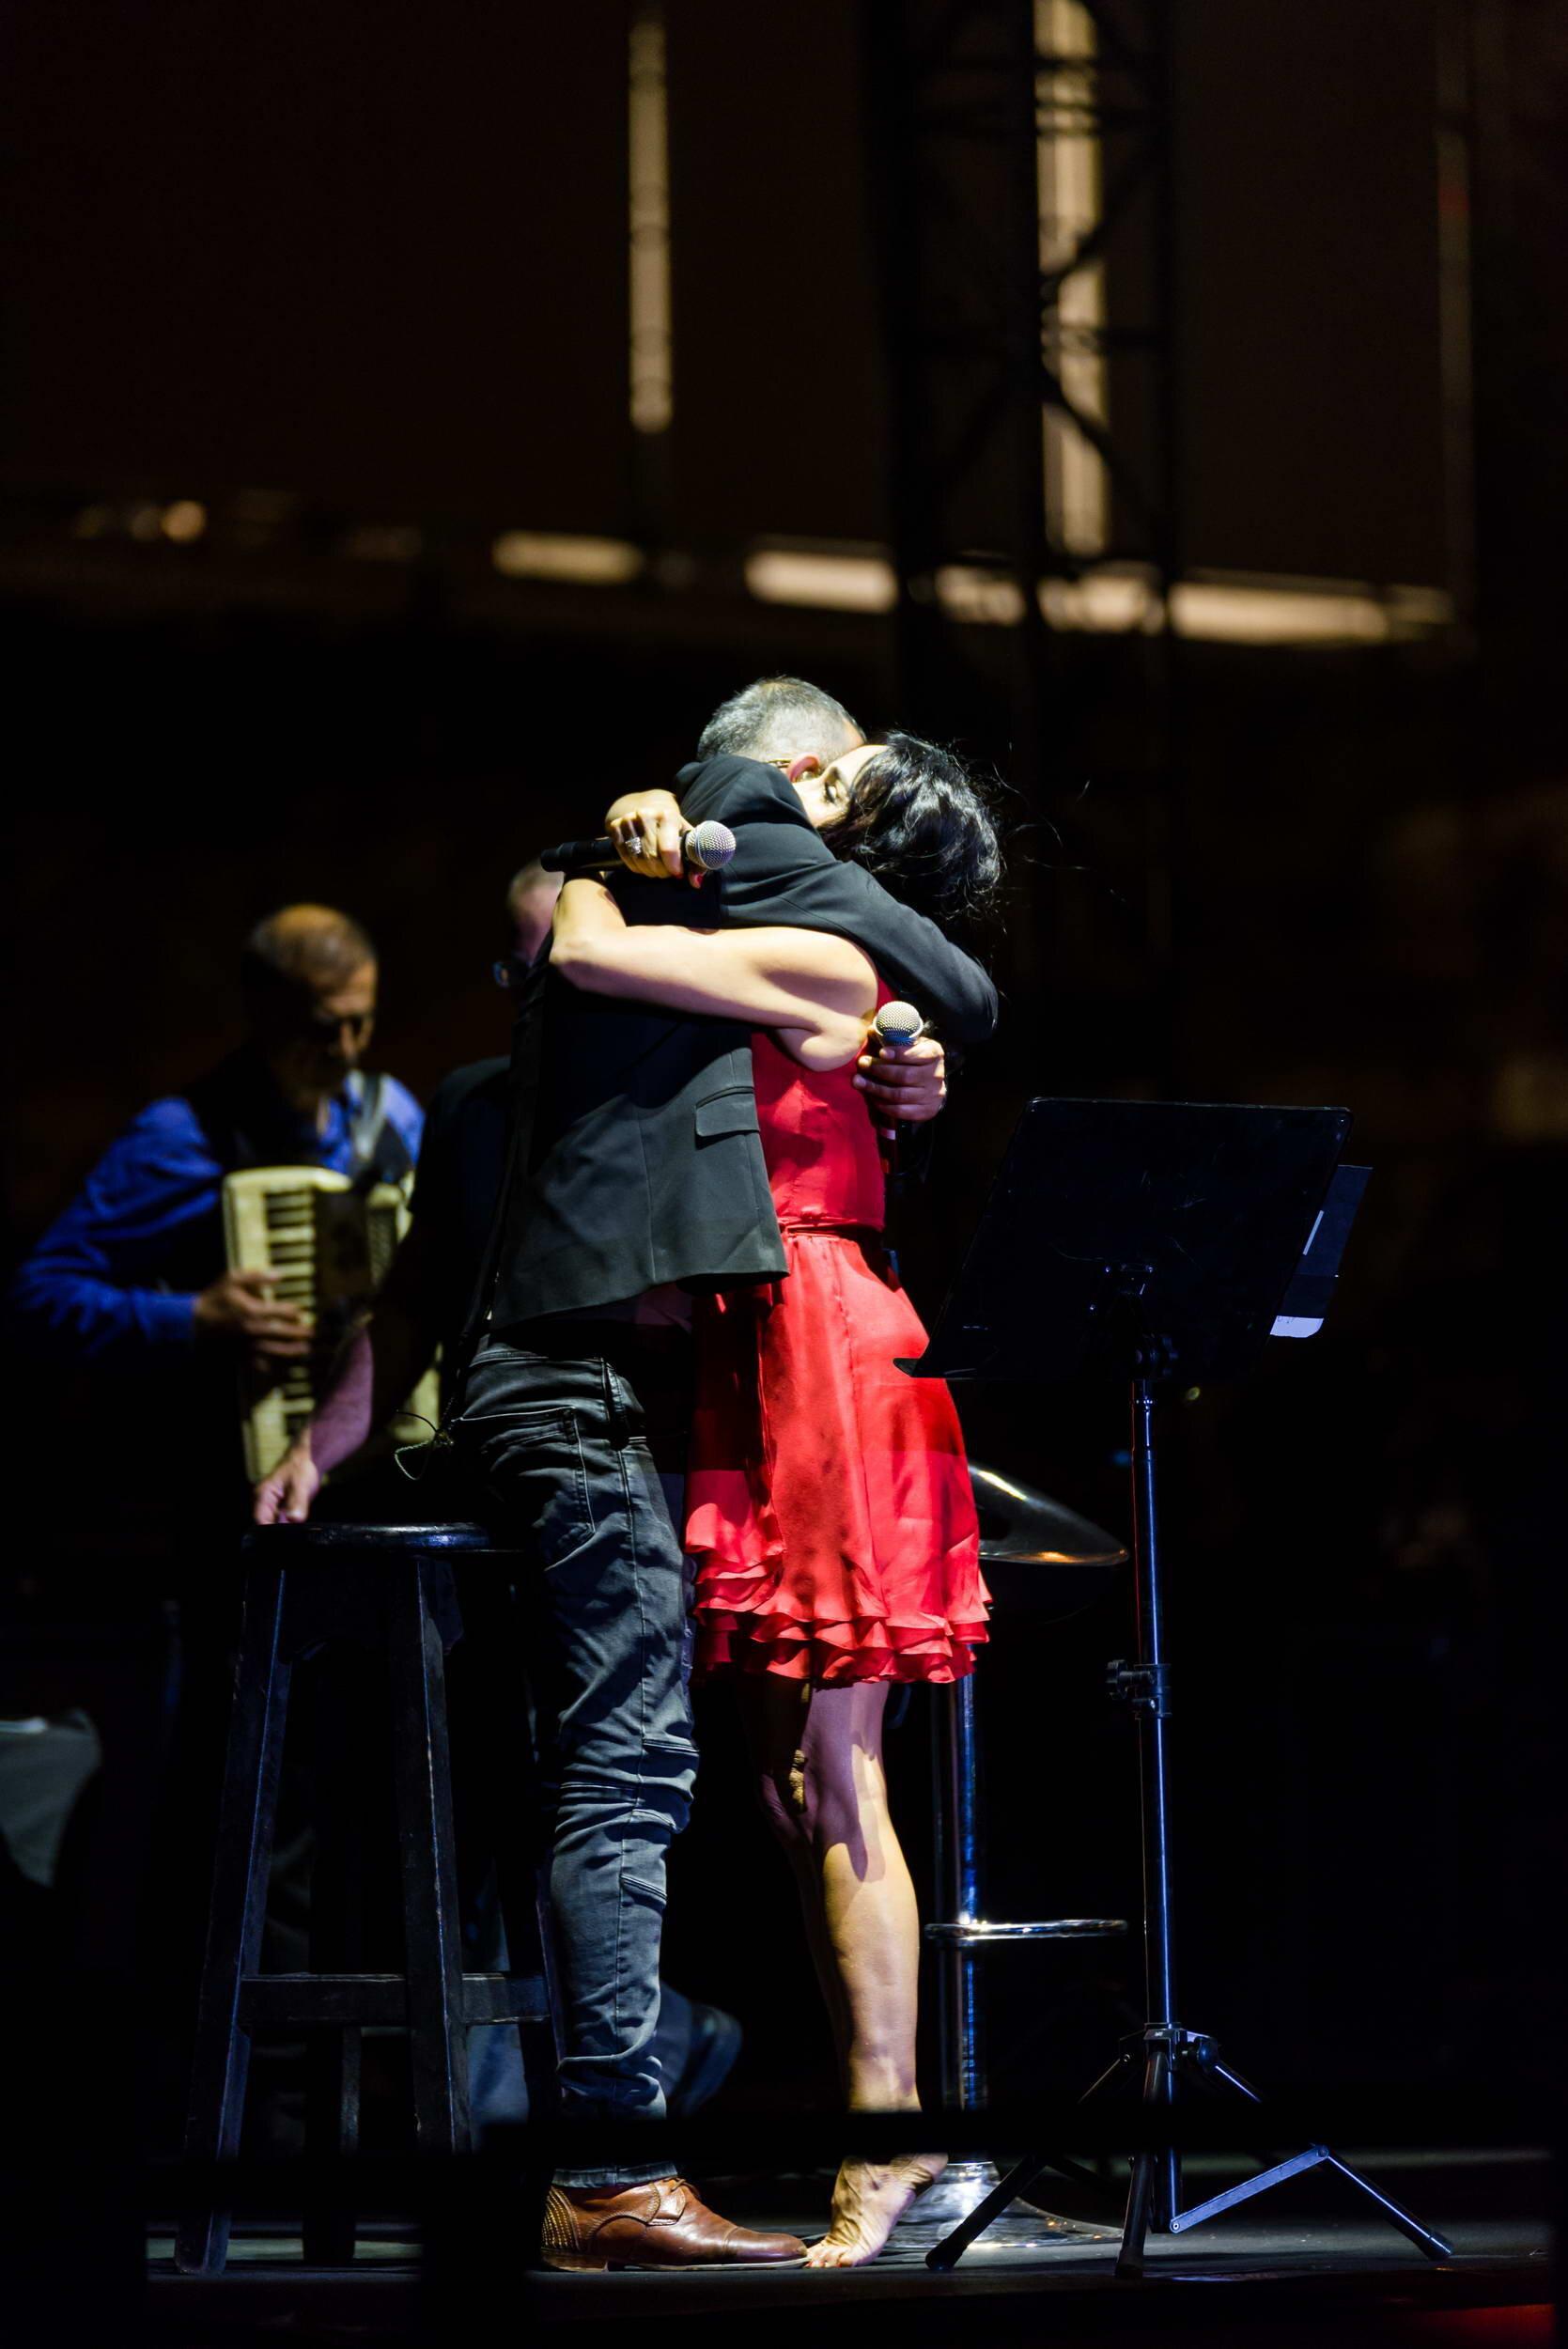 ריטה ושמעון בוסקילה בהופעה חיה